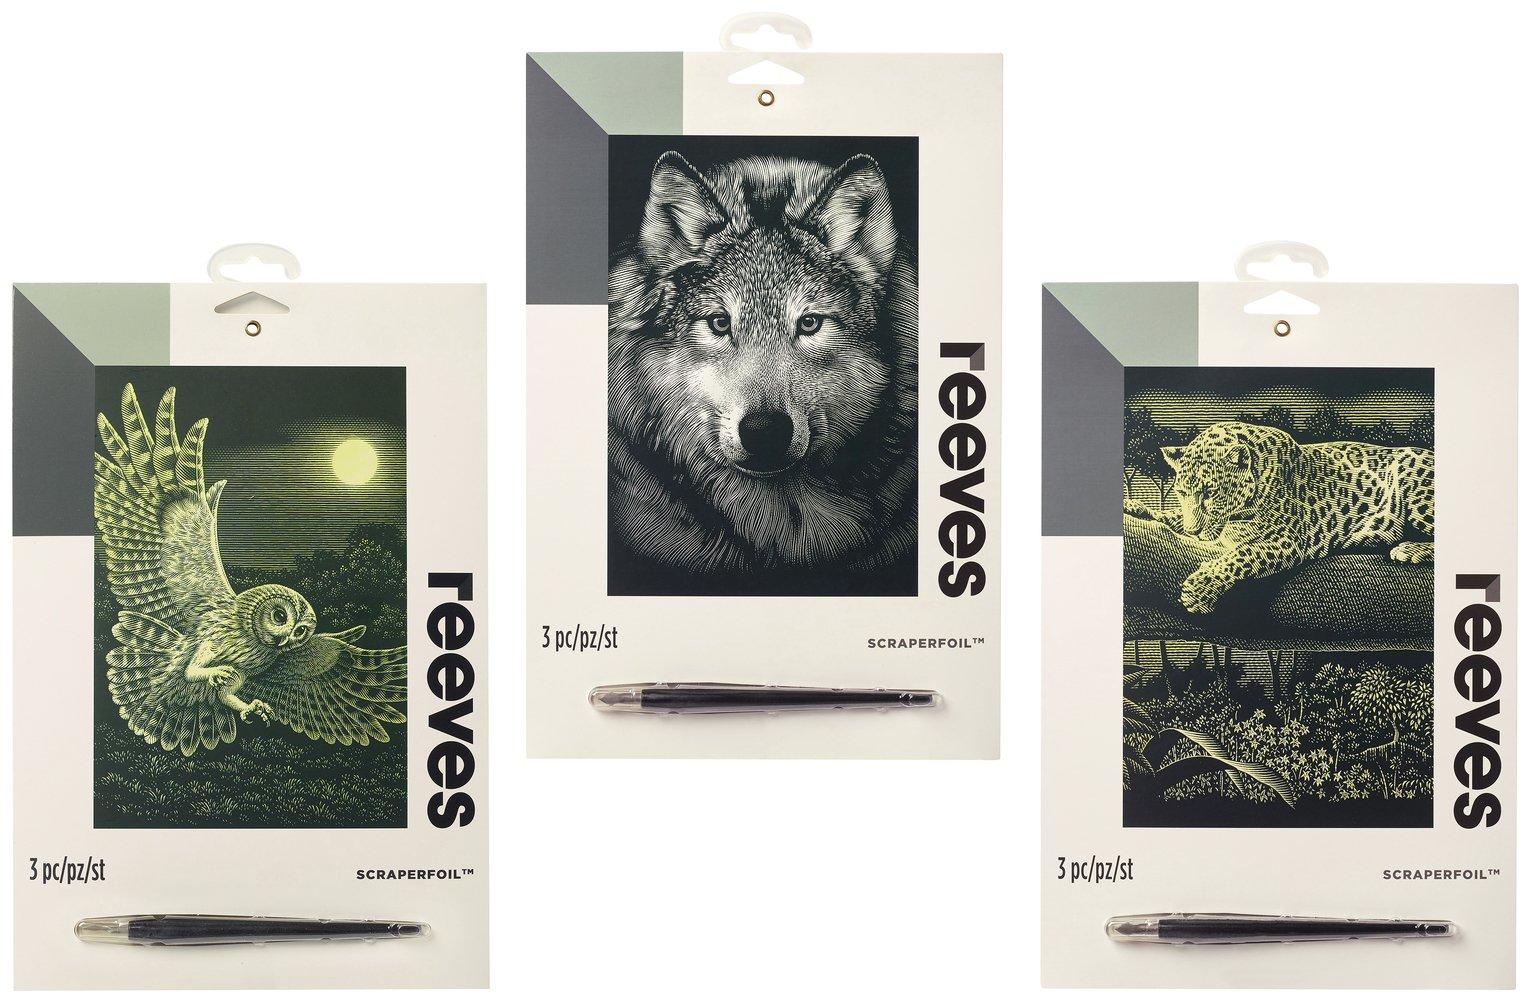 Reeves Scraperfoil - 3 Pack